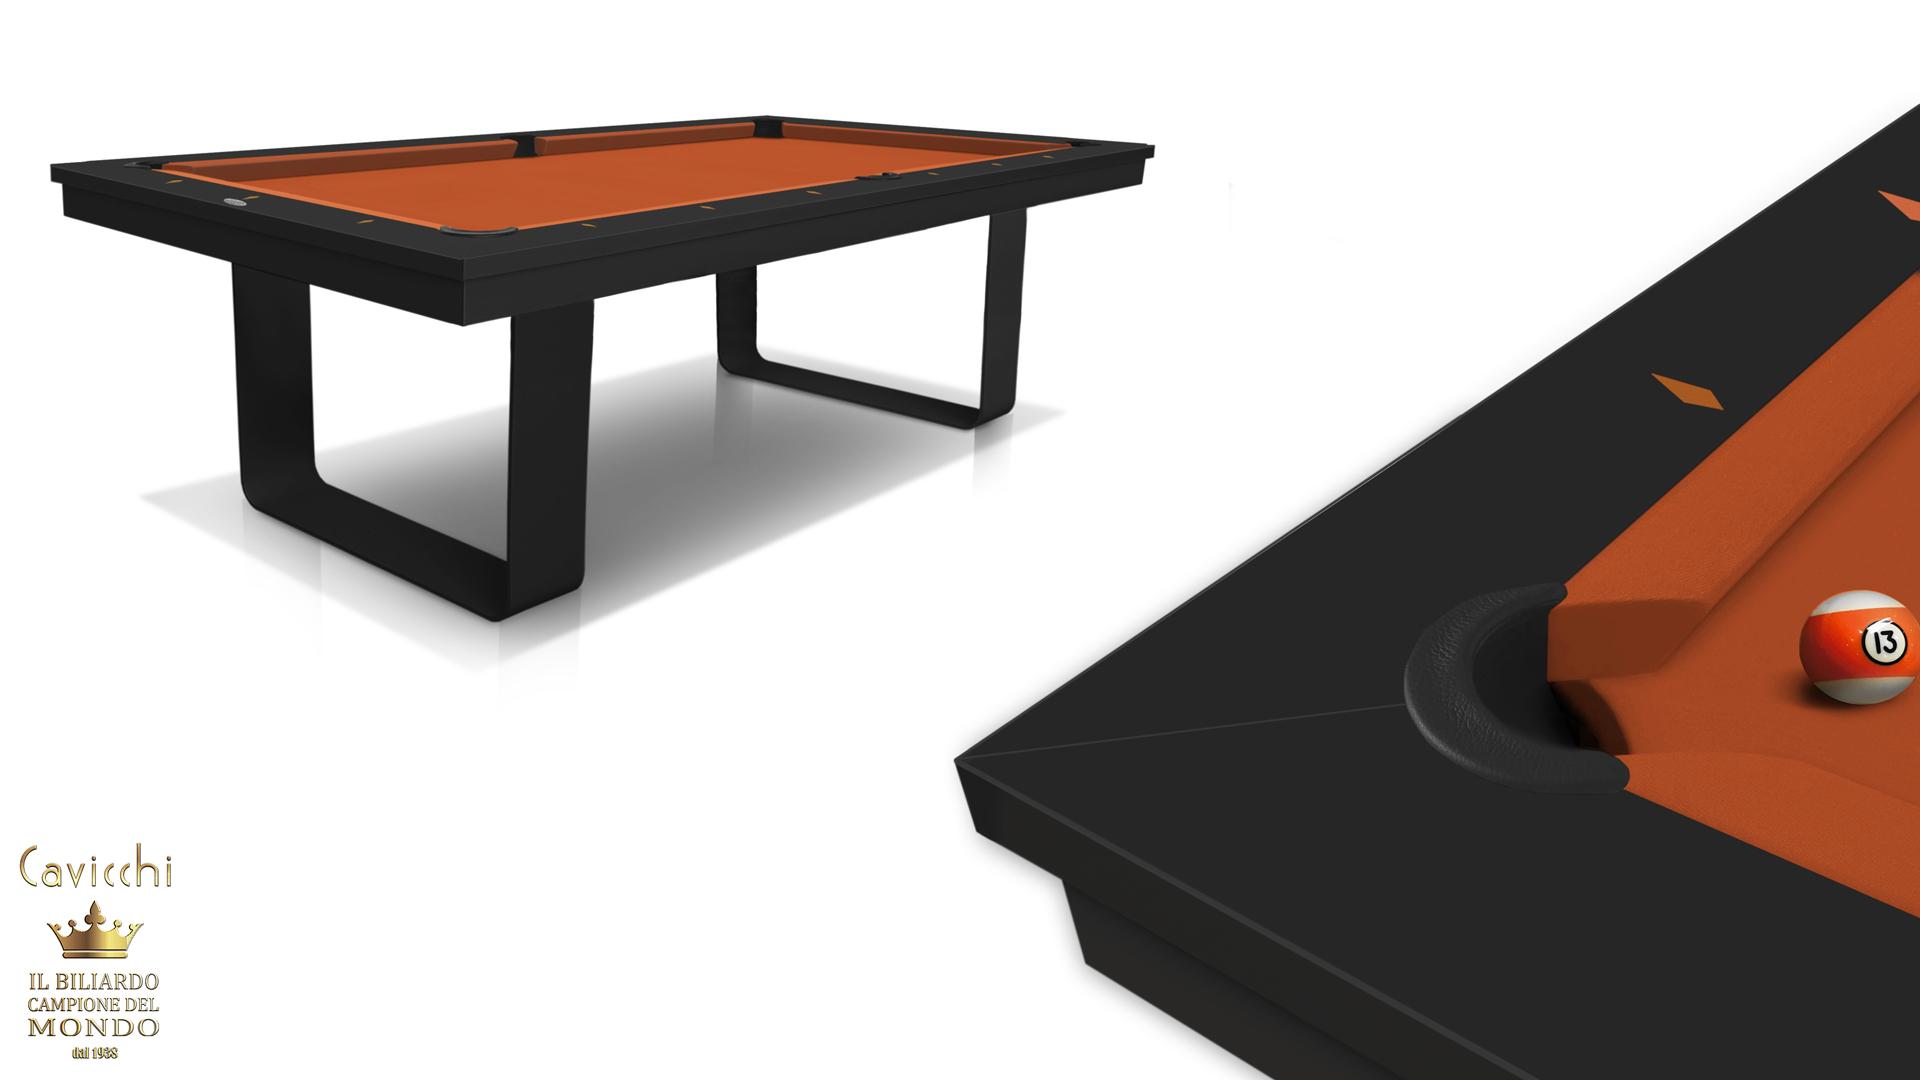 Бильярдный стол Cavicchi MISTRAL WHITE 9